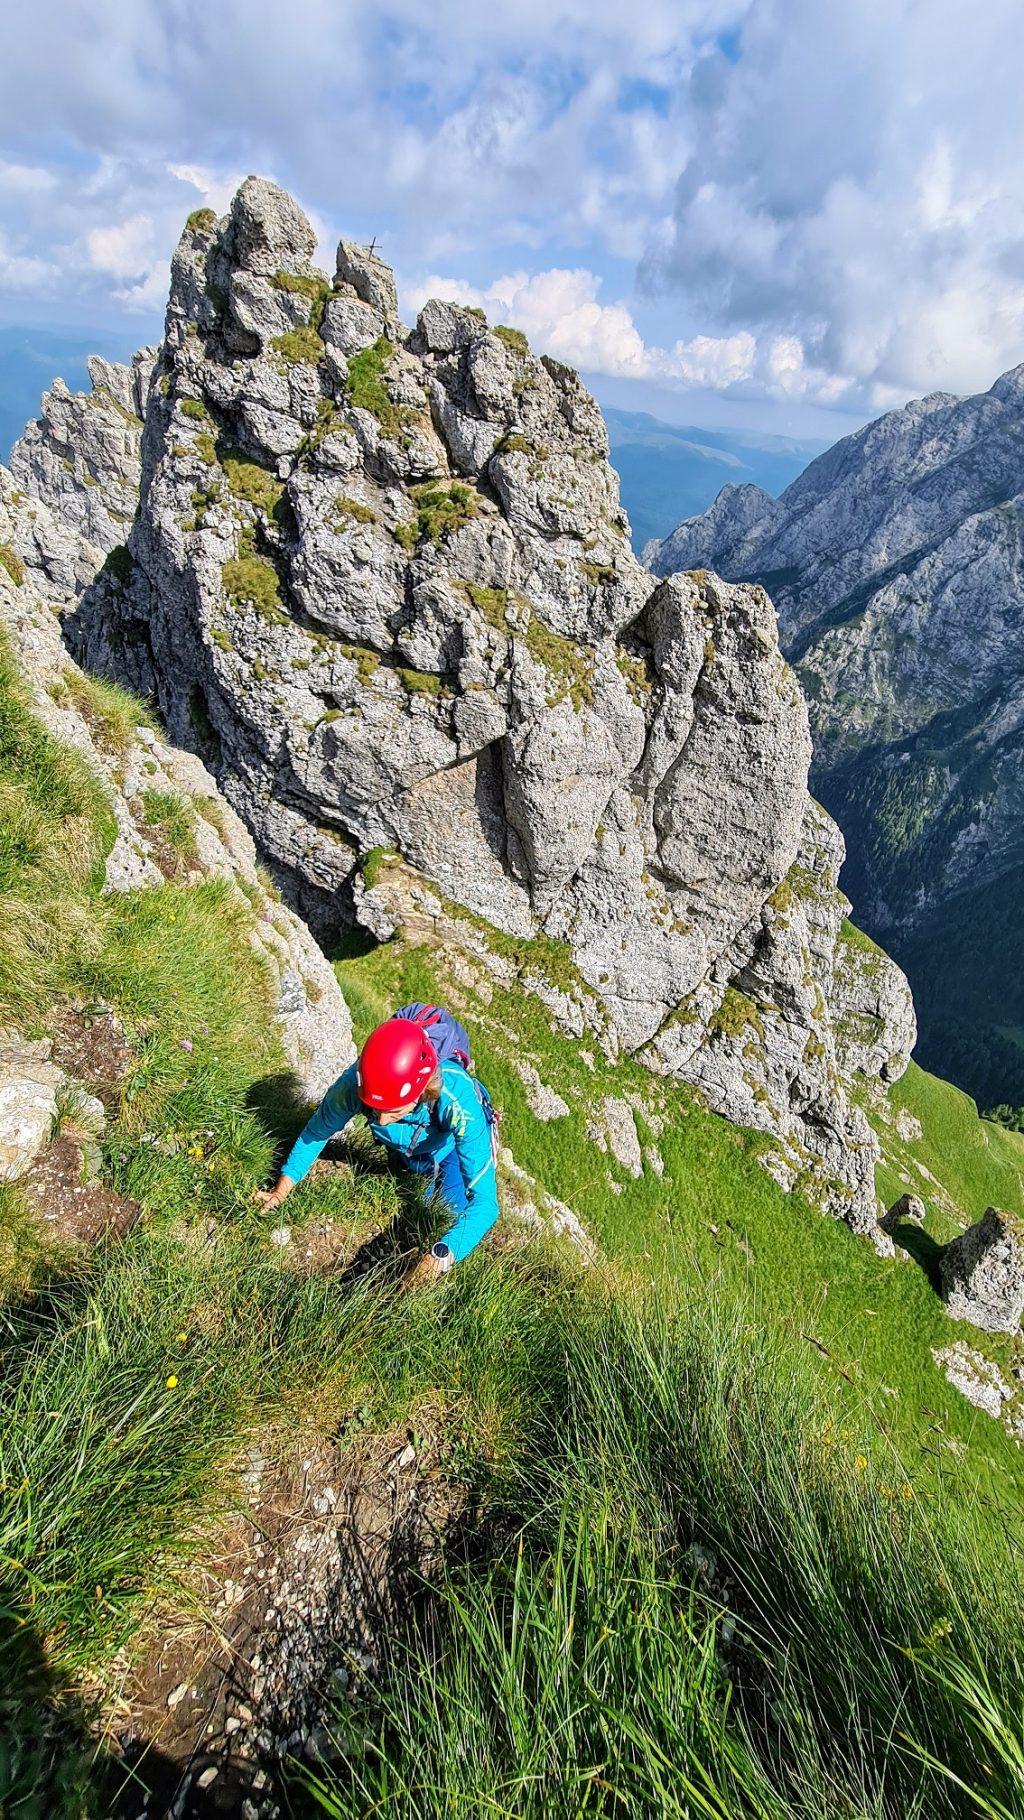 Ioana la luptă cu iarba spre Acul de Sus